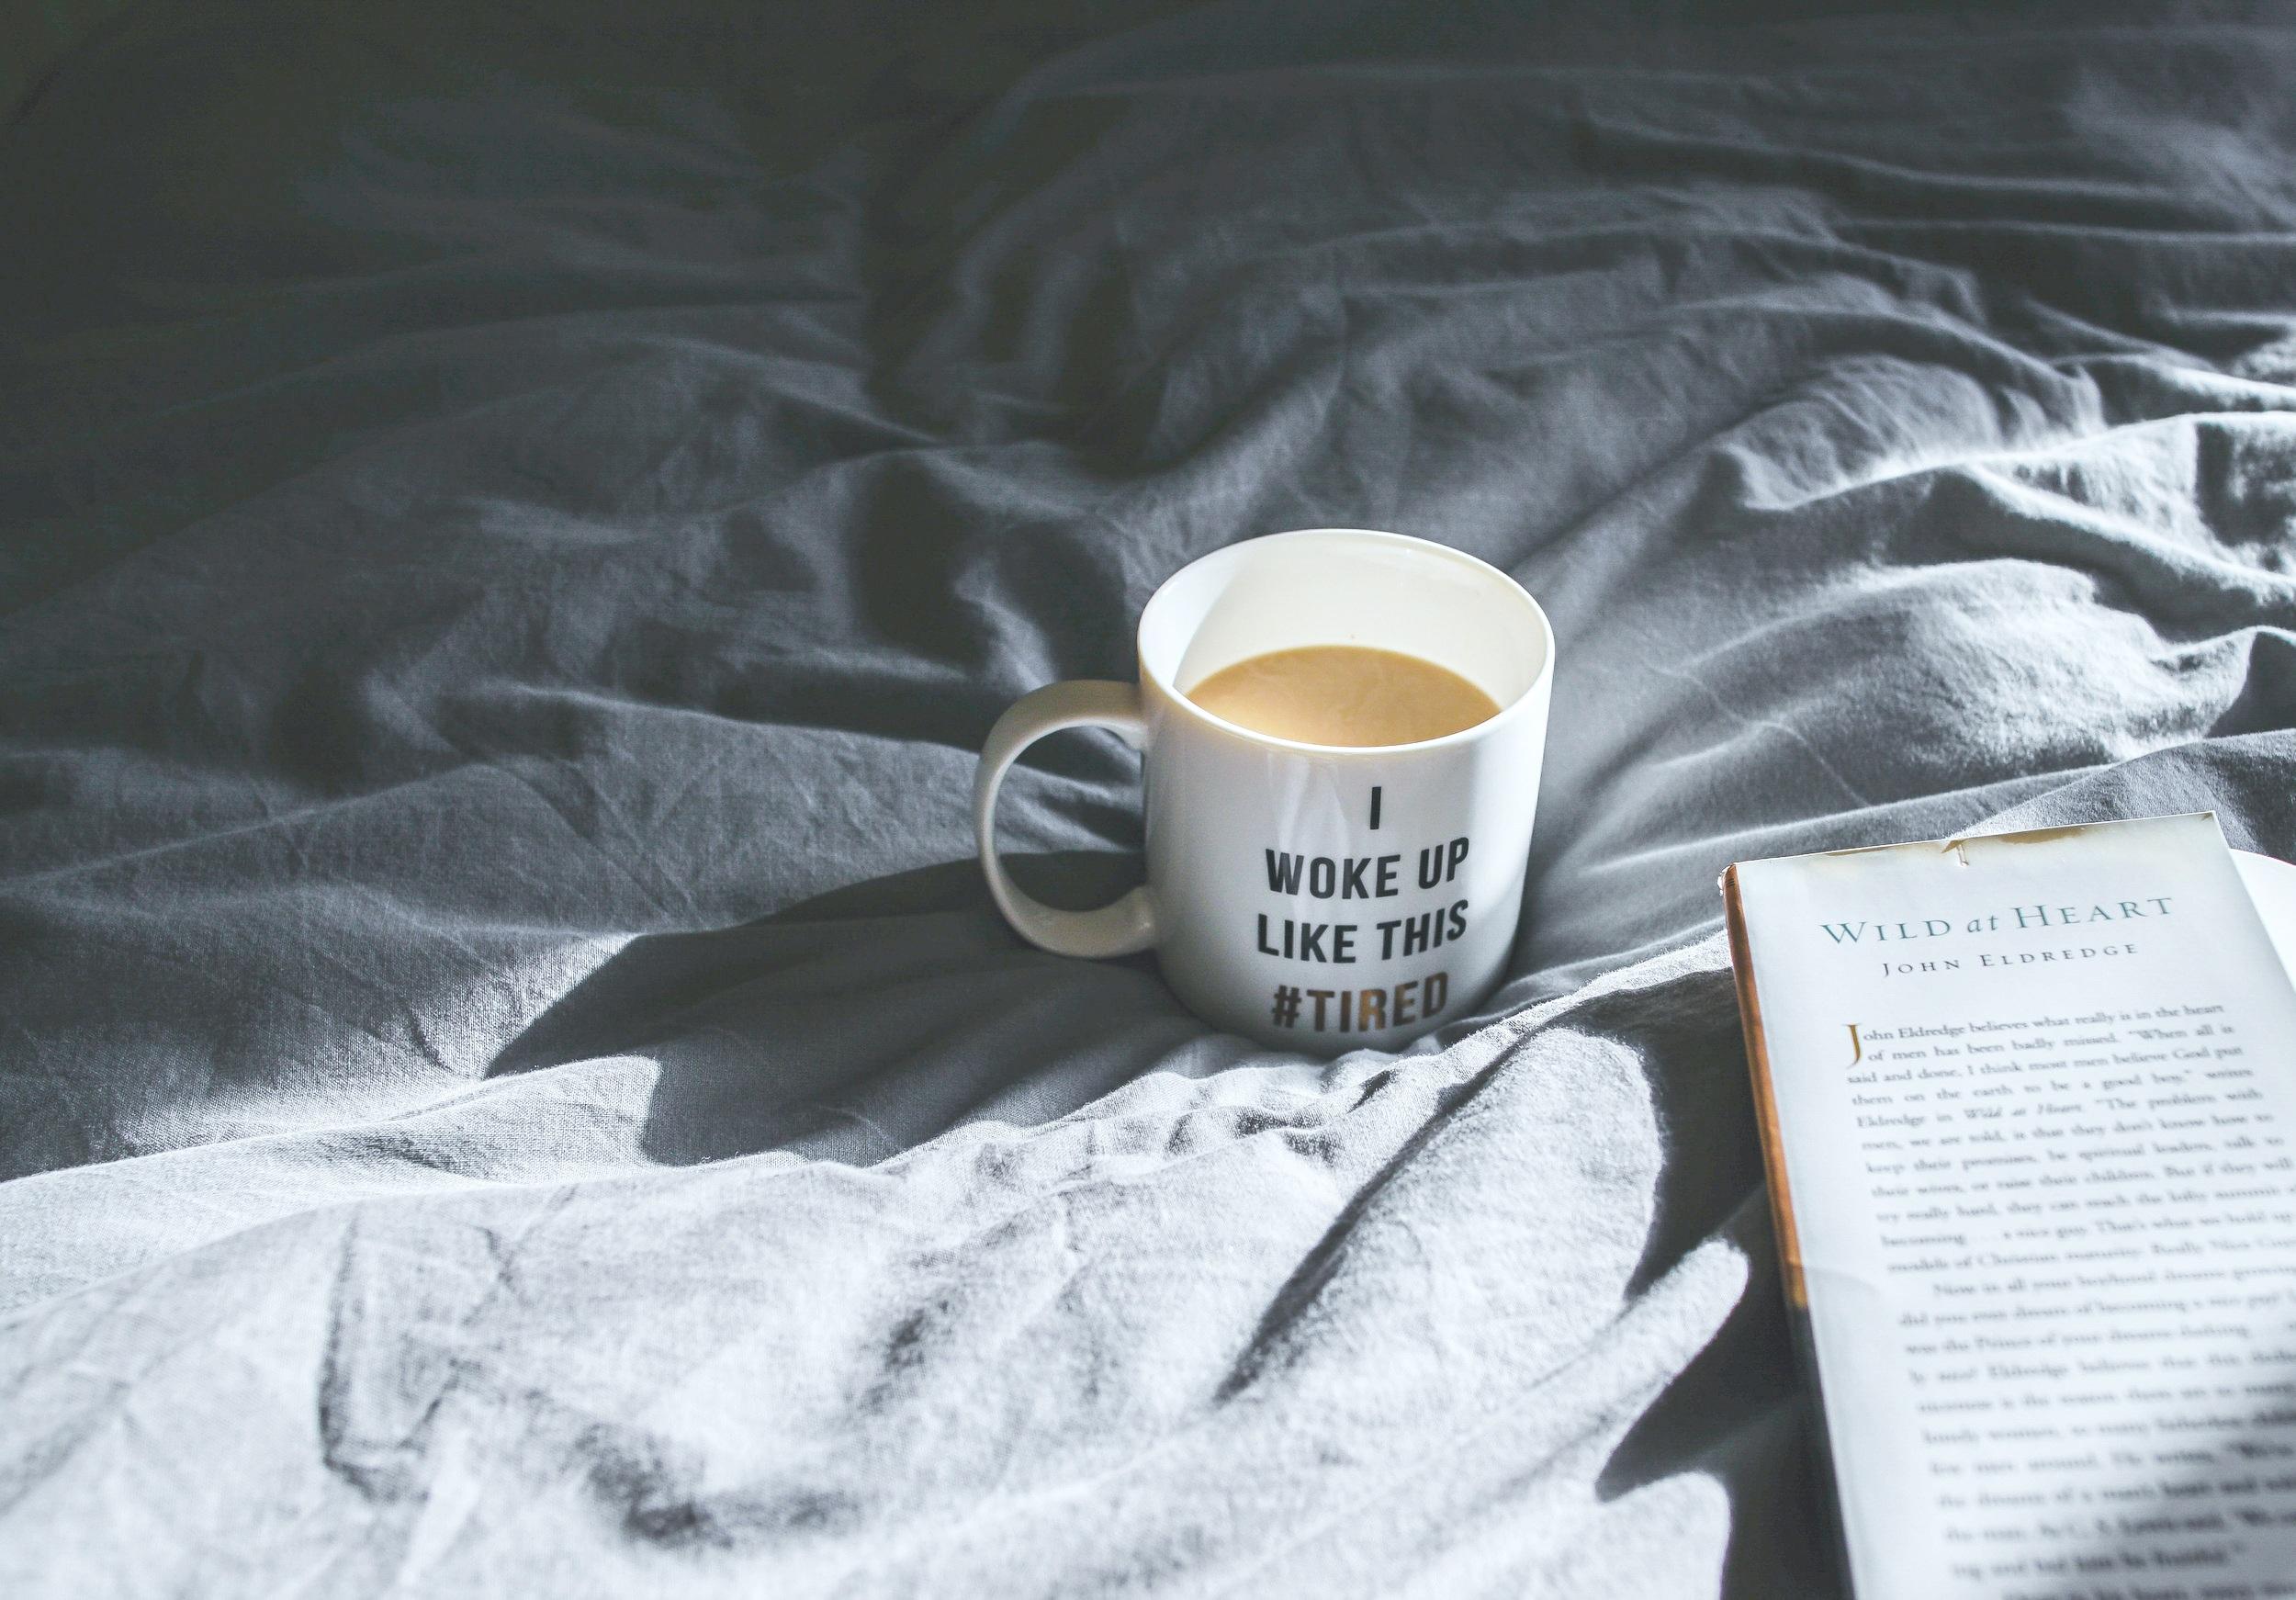 i woke up this tired mug